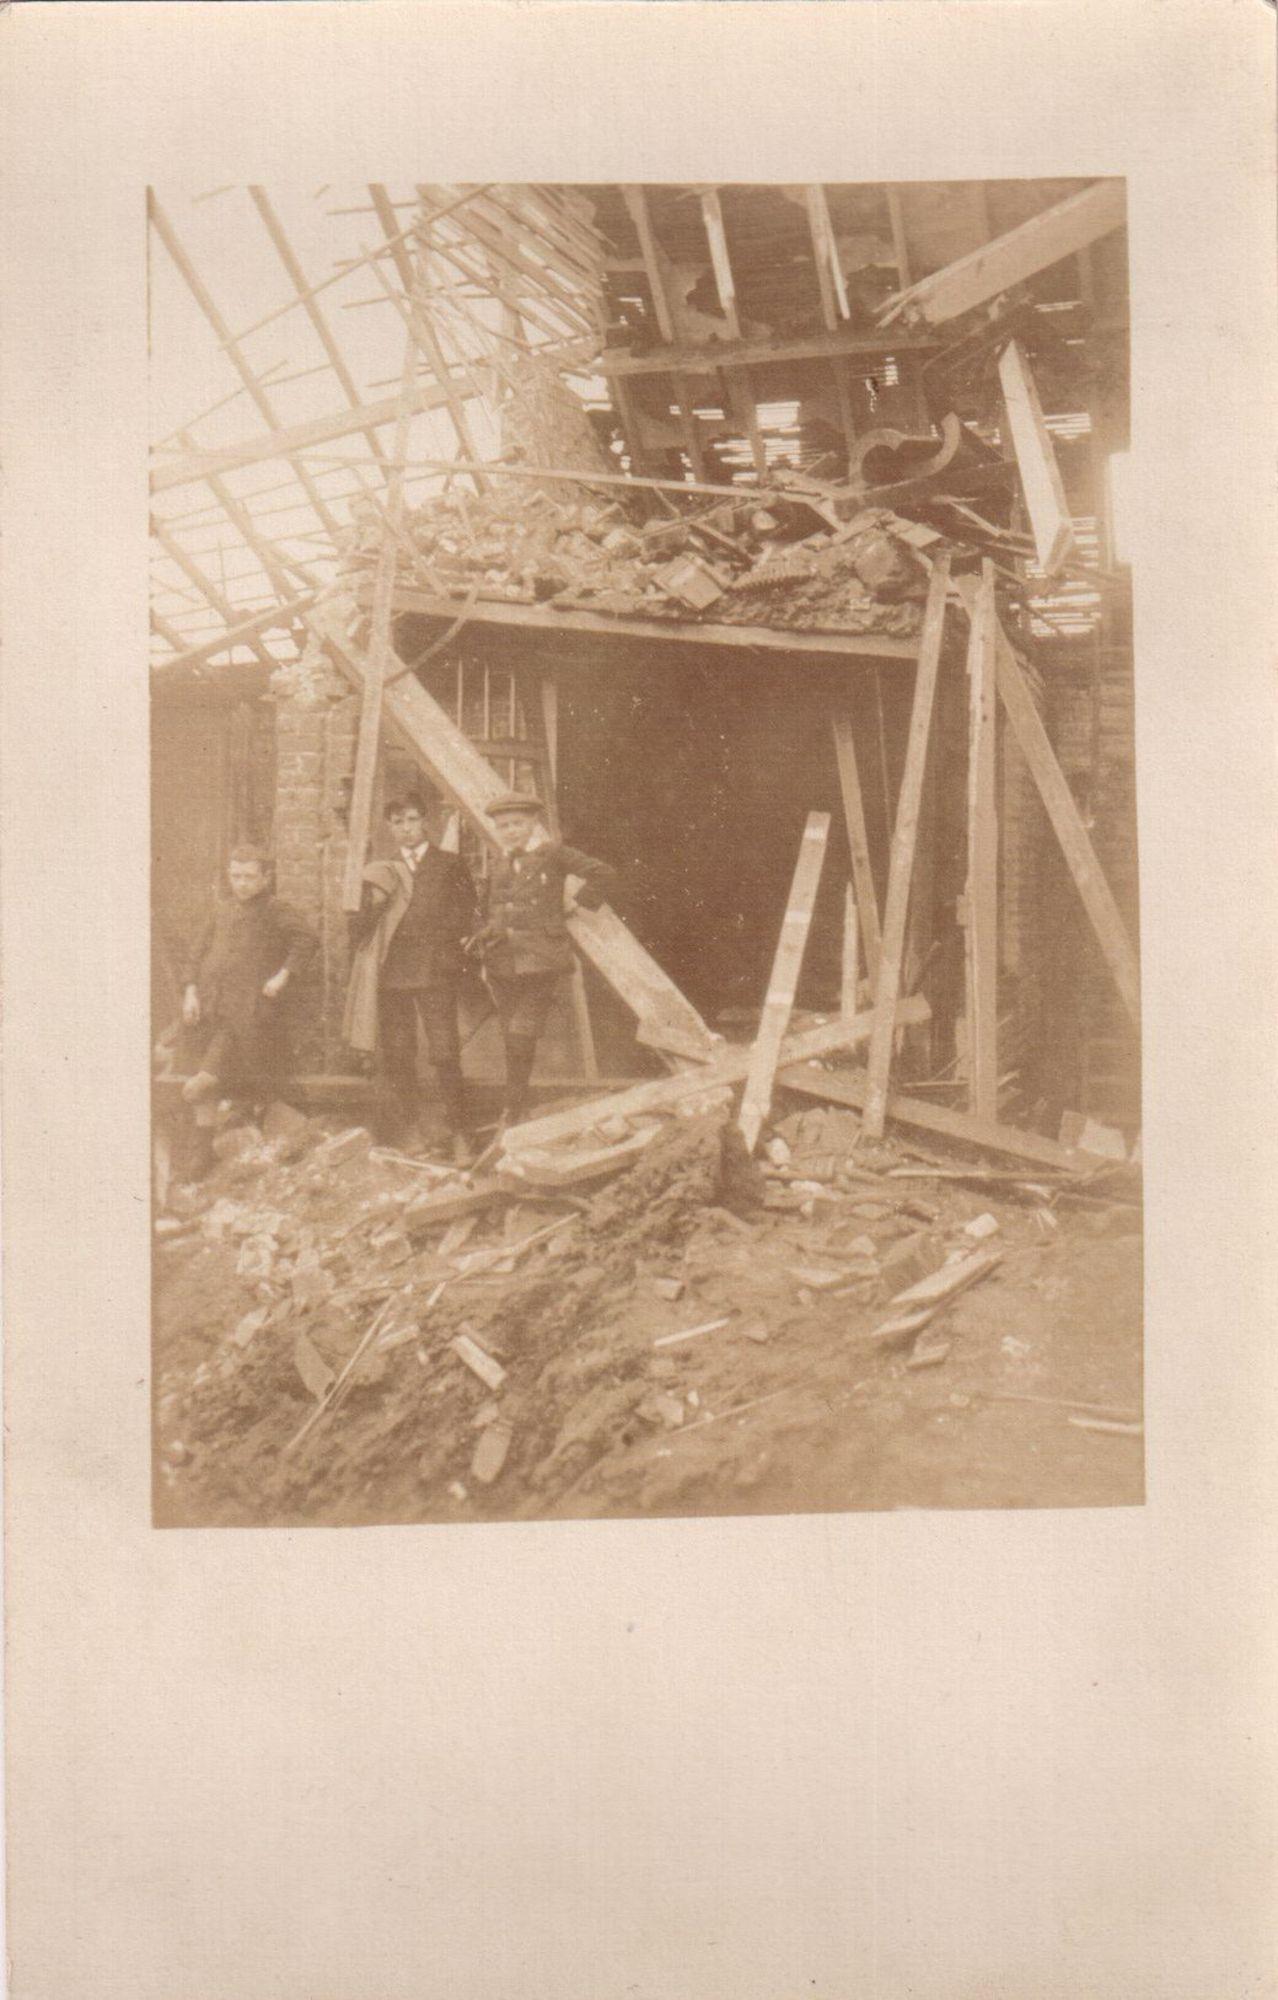 Schade in 1917